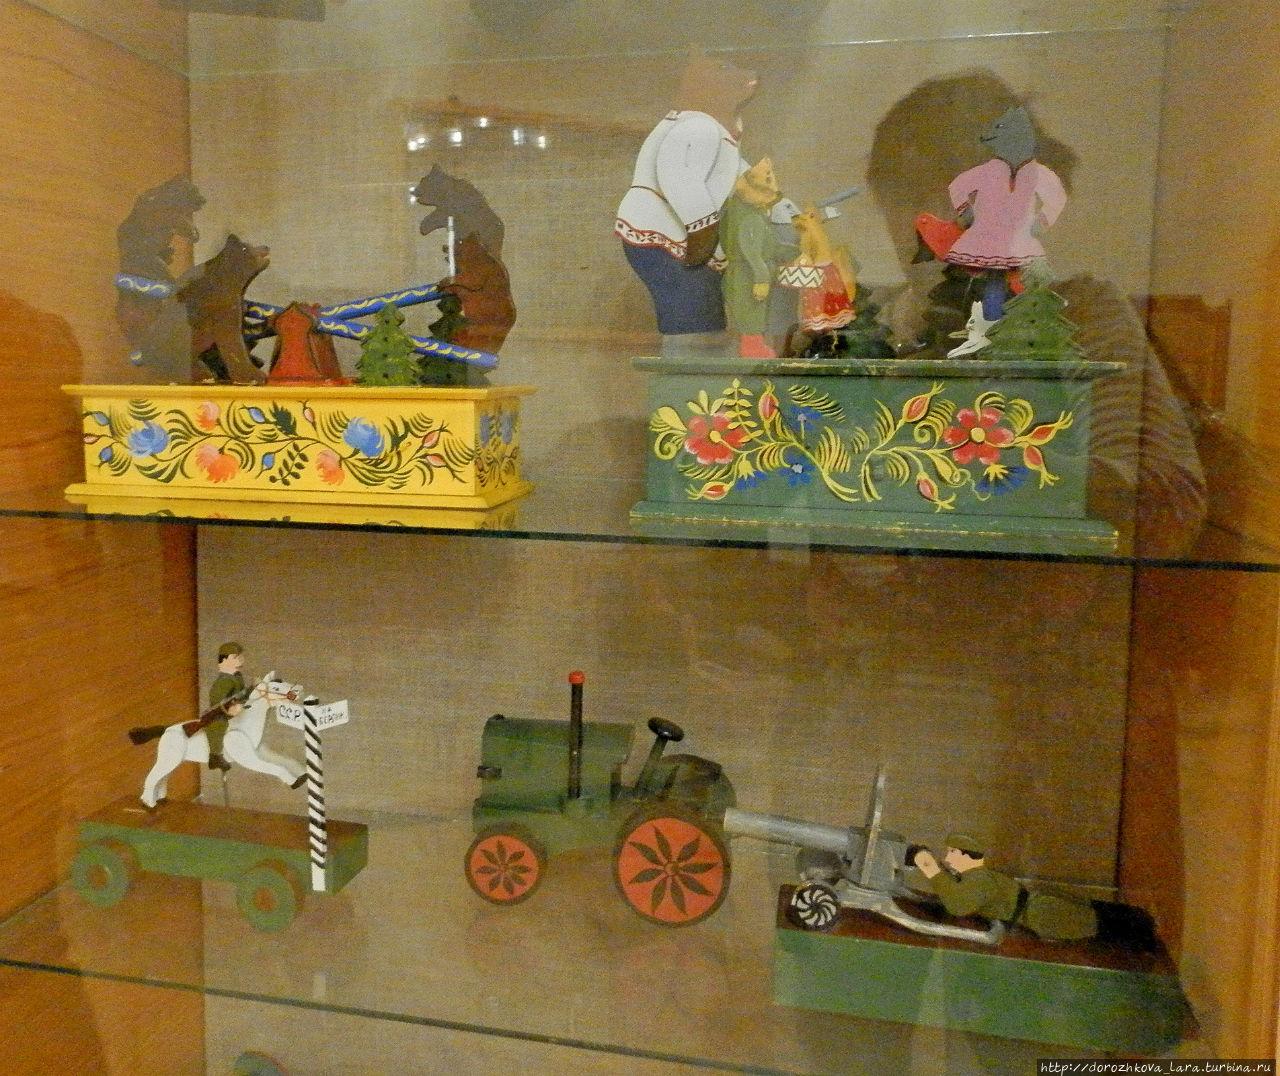 В Нижегородской области существовало несколько центров по изготовлению топорно-щепных игрушек. Самый ранний из них — Чкаловский. К ранним игрушкам конца XVIII — нач. XIX века относятся каталки-колёски, каталки-вертушки, меленки, кузнецы на подвижных планках.